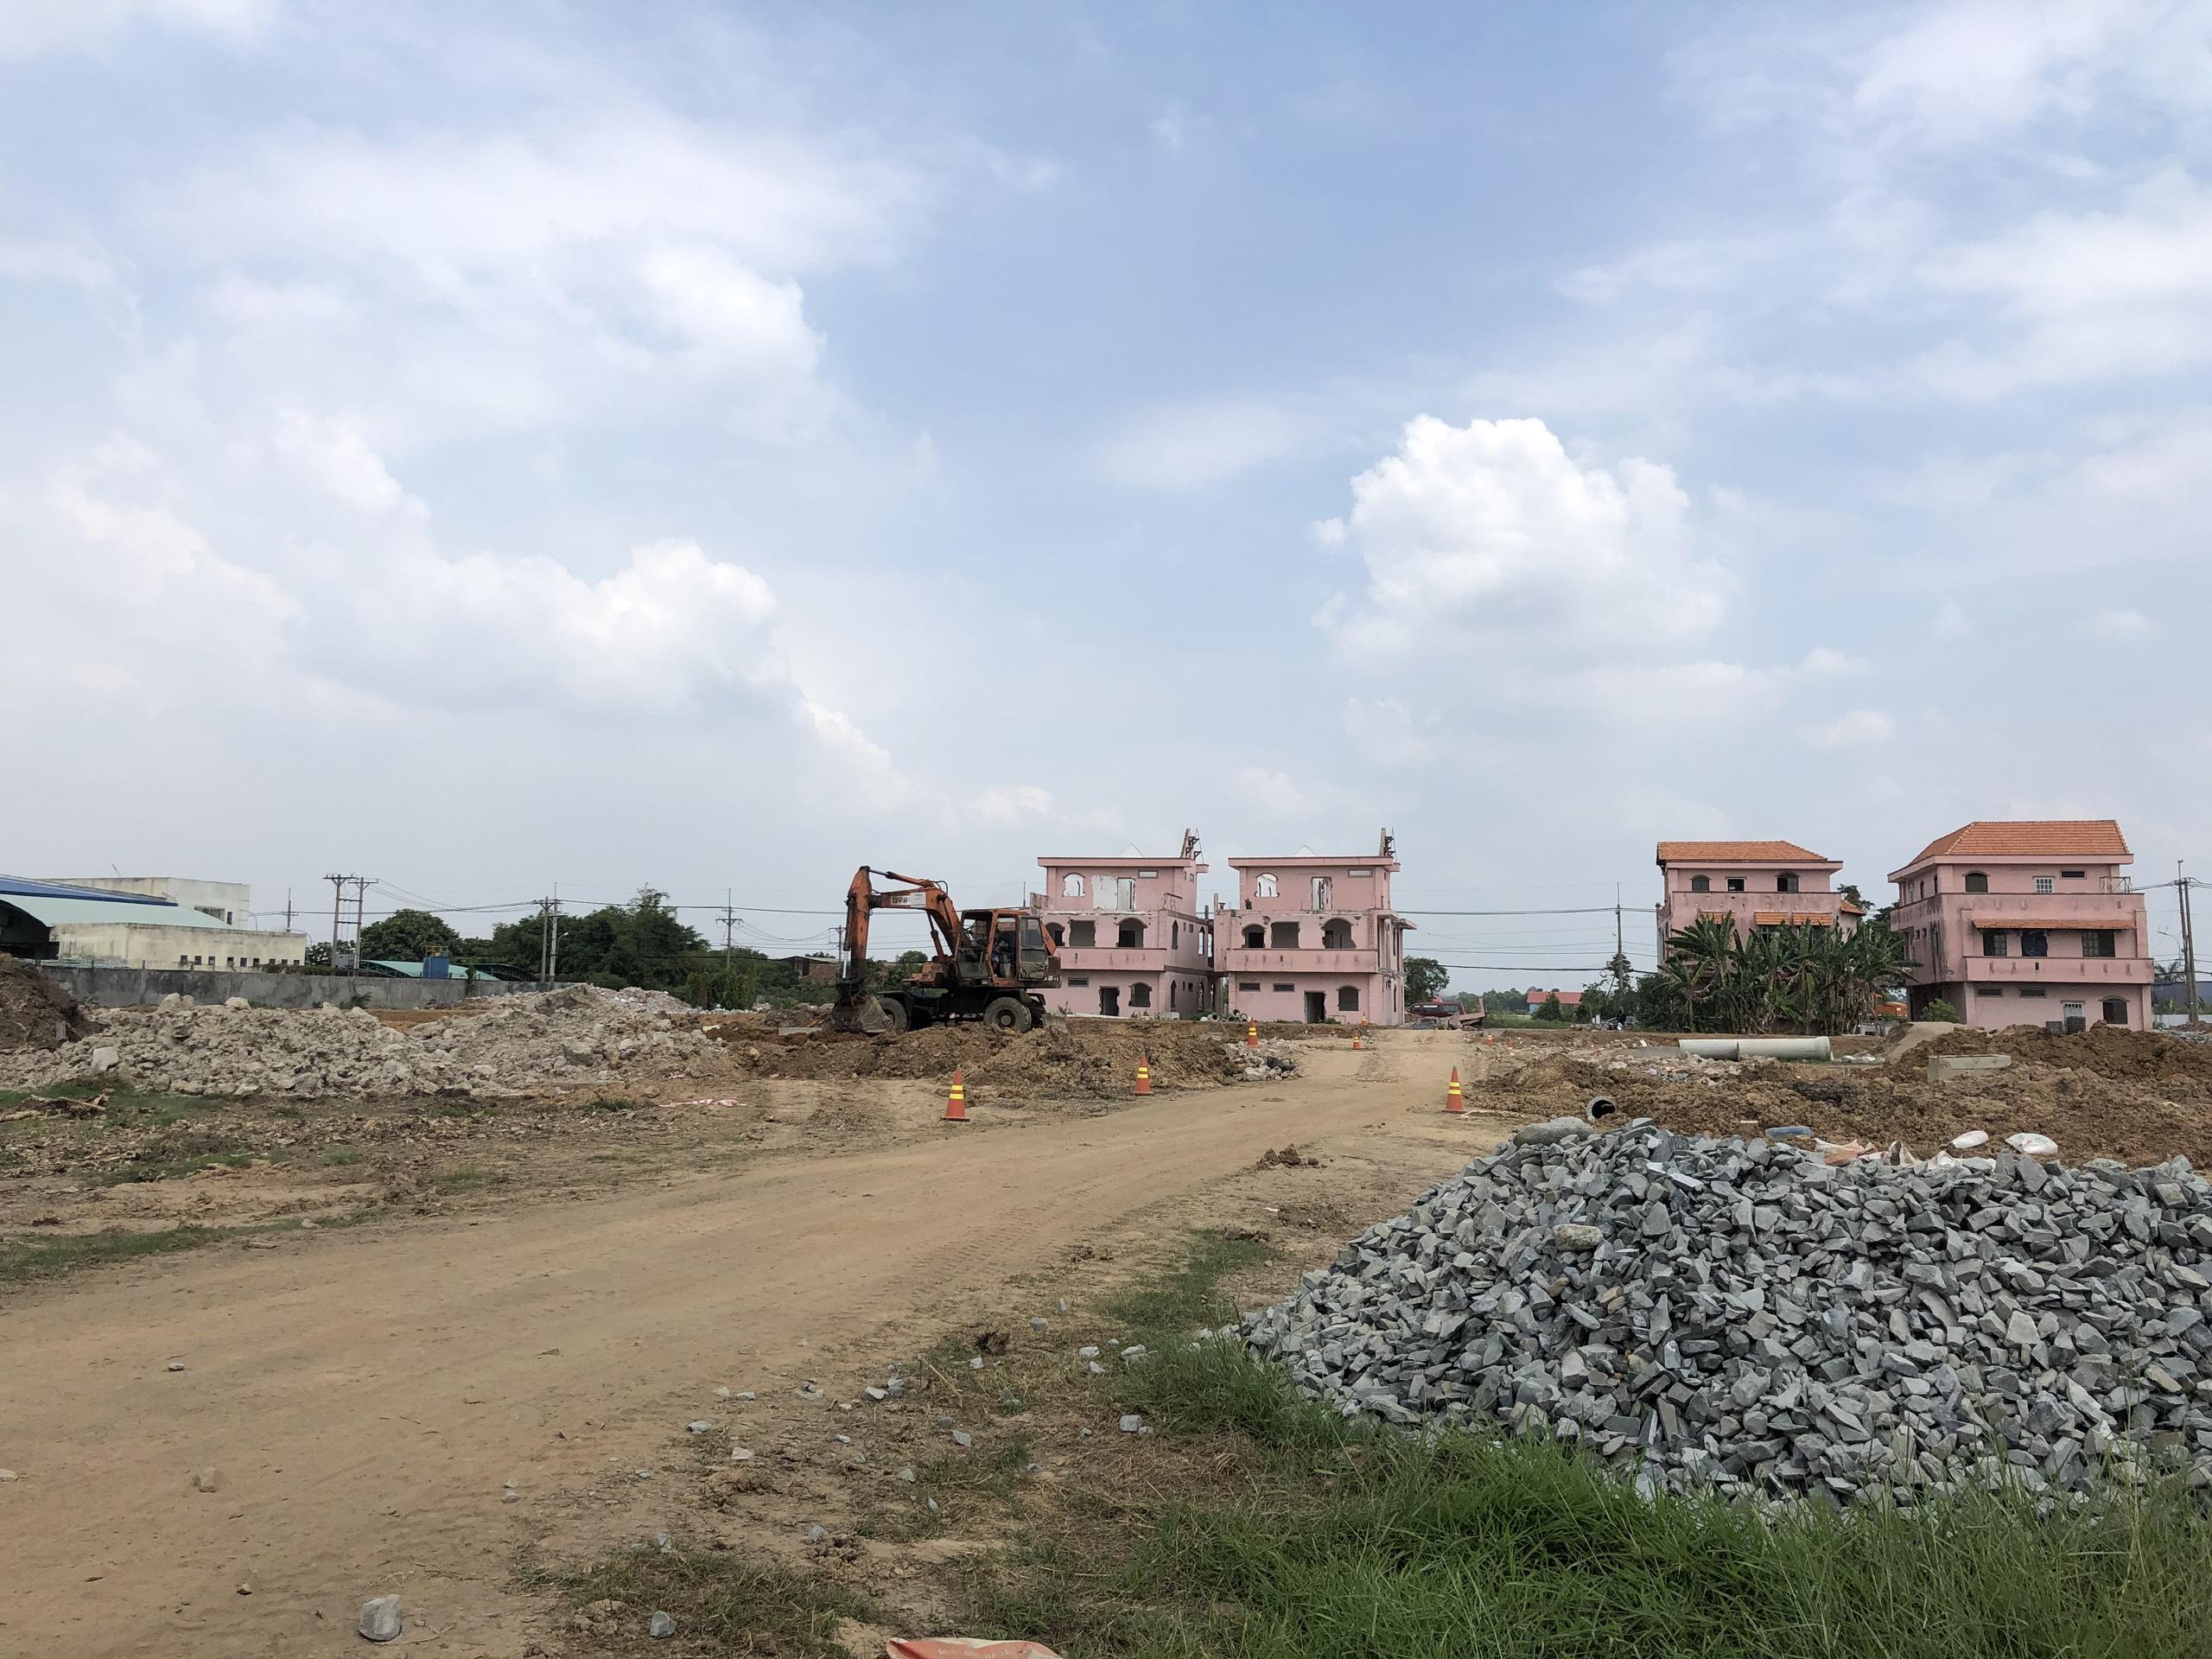 Thực tế hiện trạng khu đất xây dựng khu dân cư The Residence 3 Củ Chi